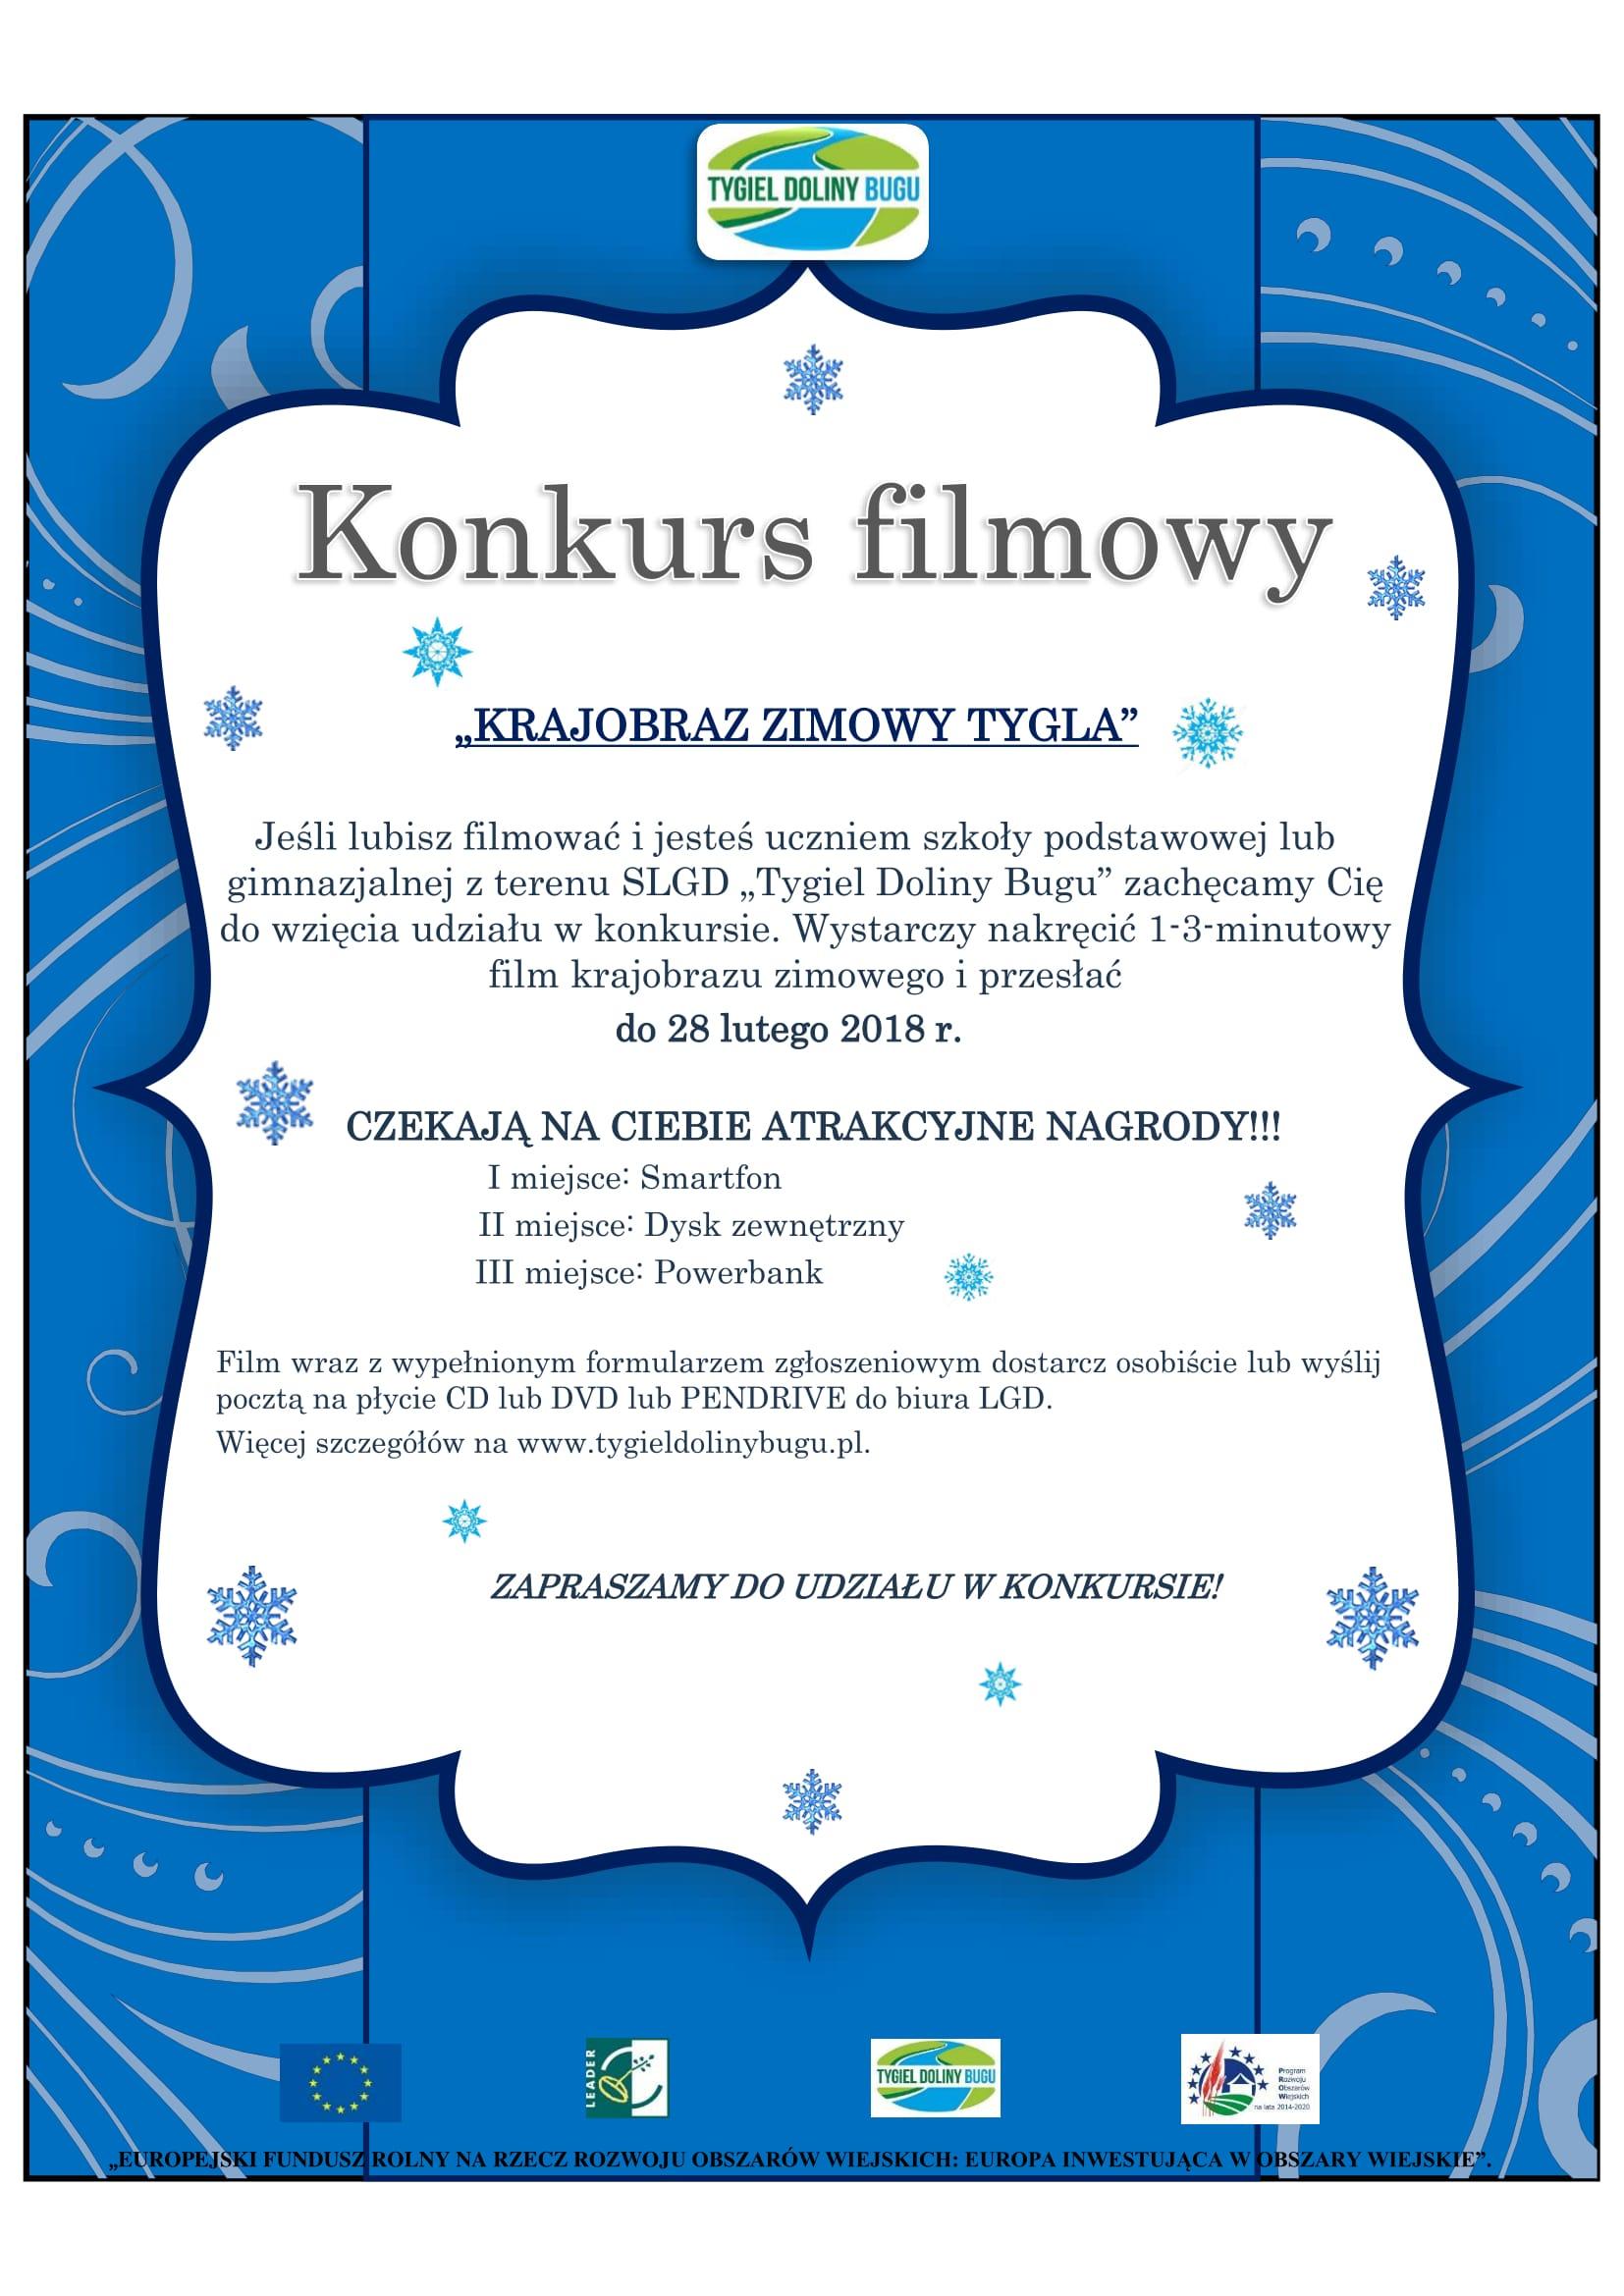 Obraz na stronie konkurs_film_zima_plakat-1.jpg